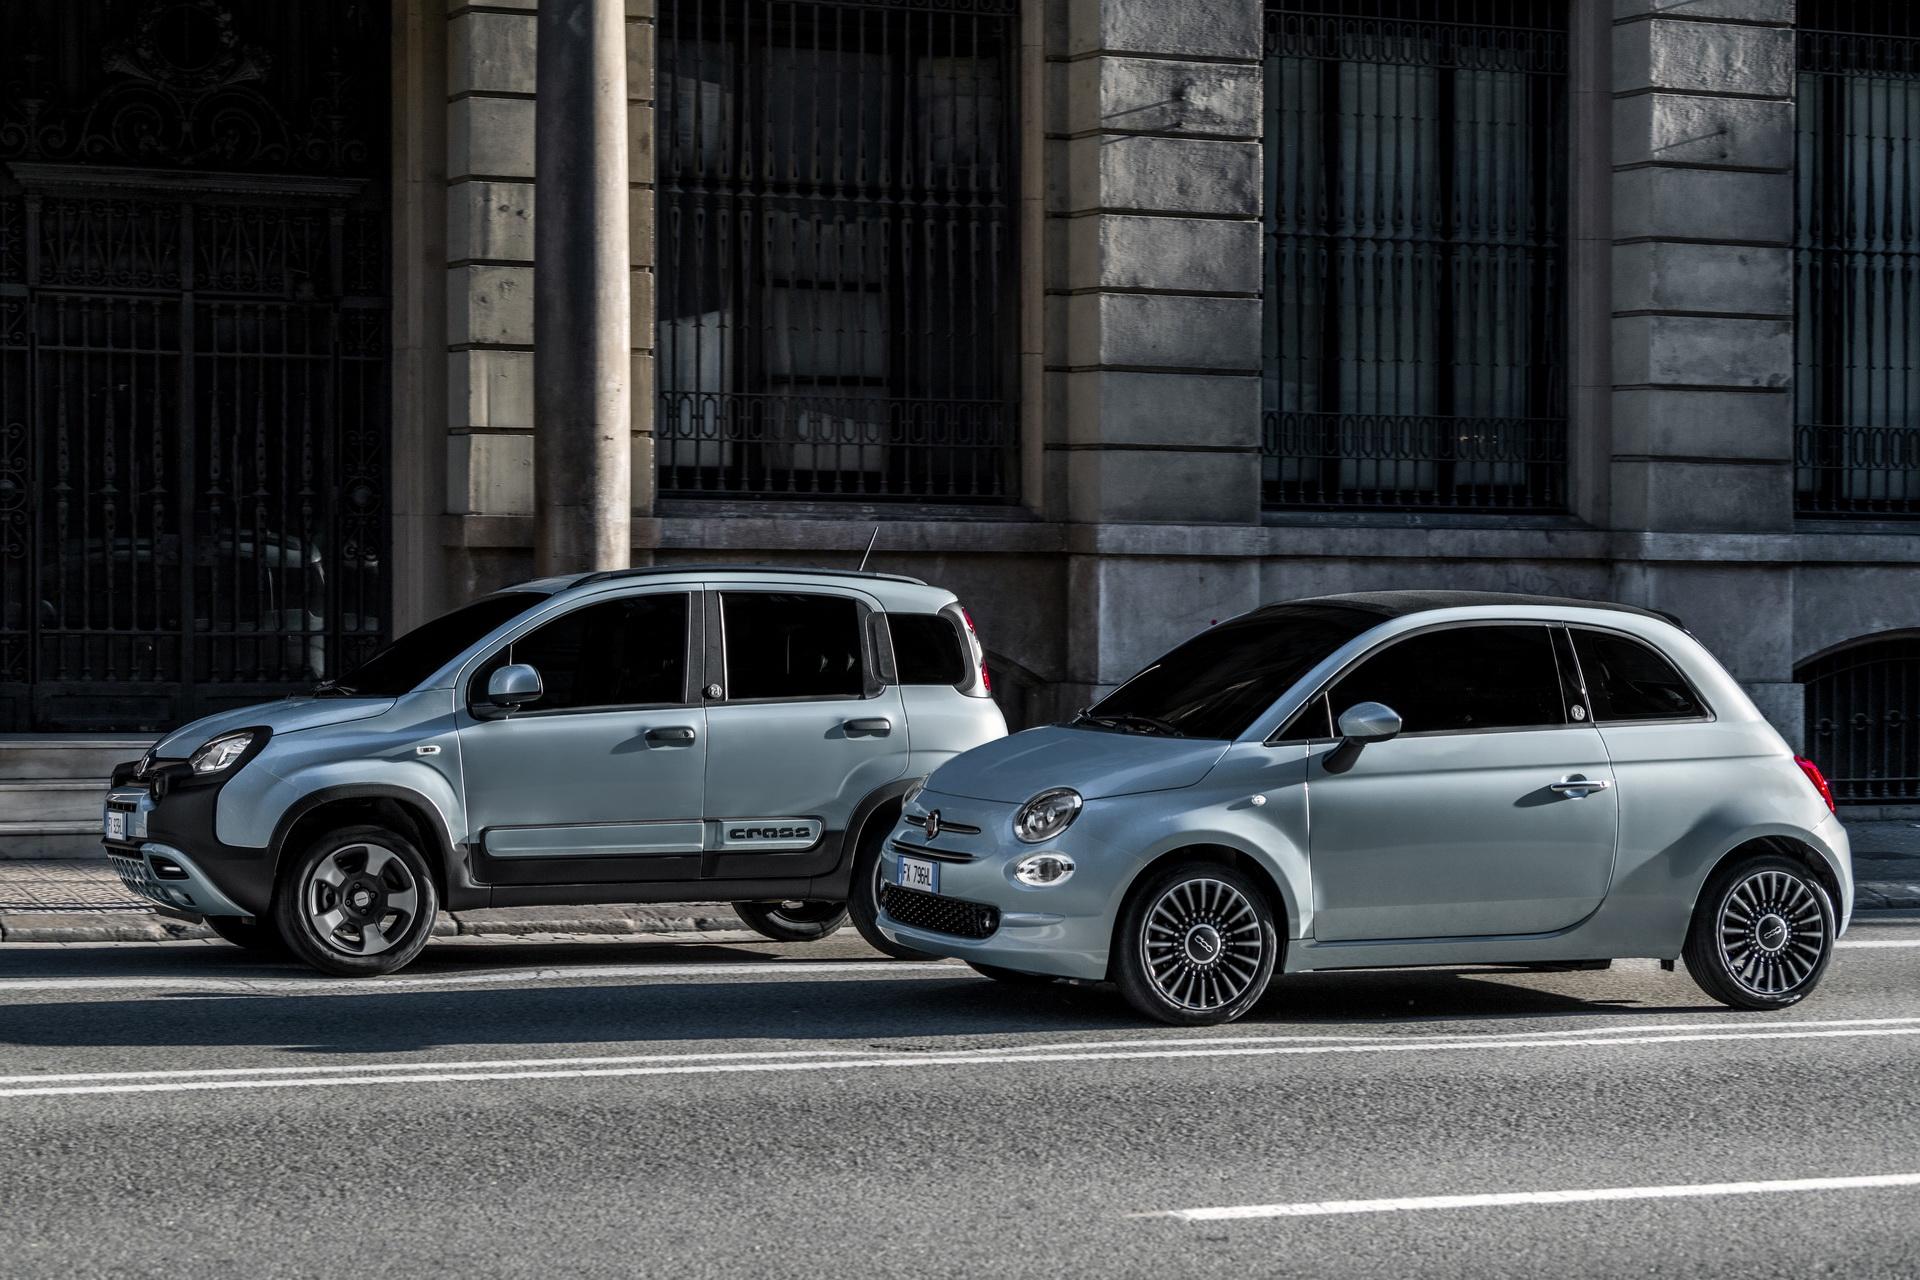 2020-Fiat-500-Panda-Hybrid-05